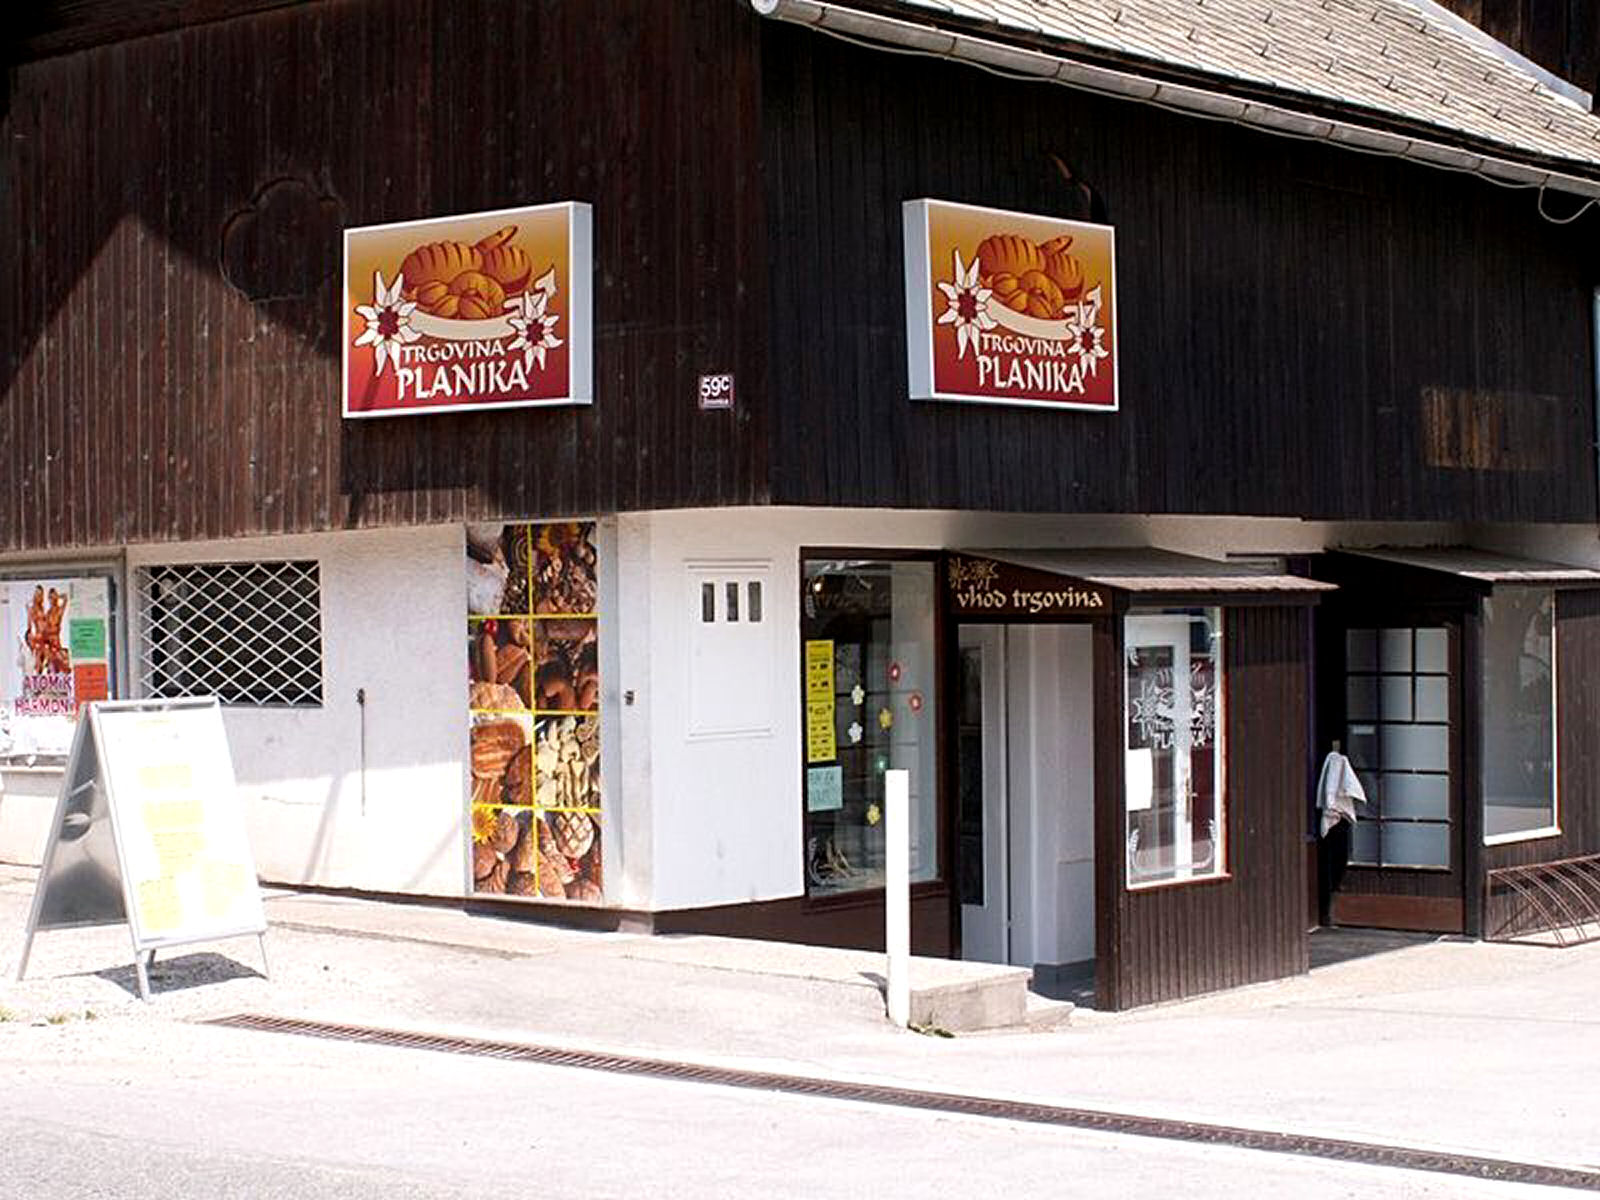 Planika Bakery in Zirovnica, Slovenia